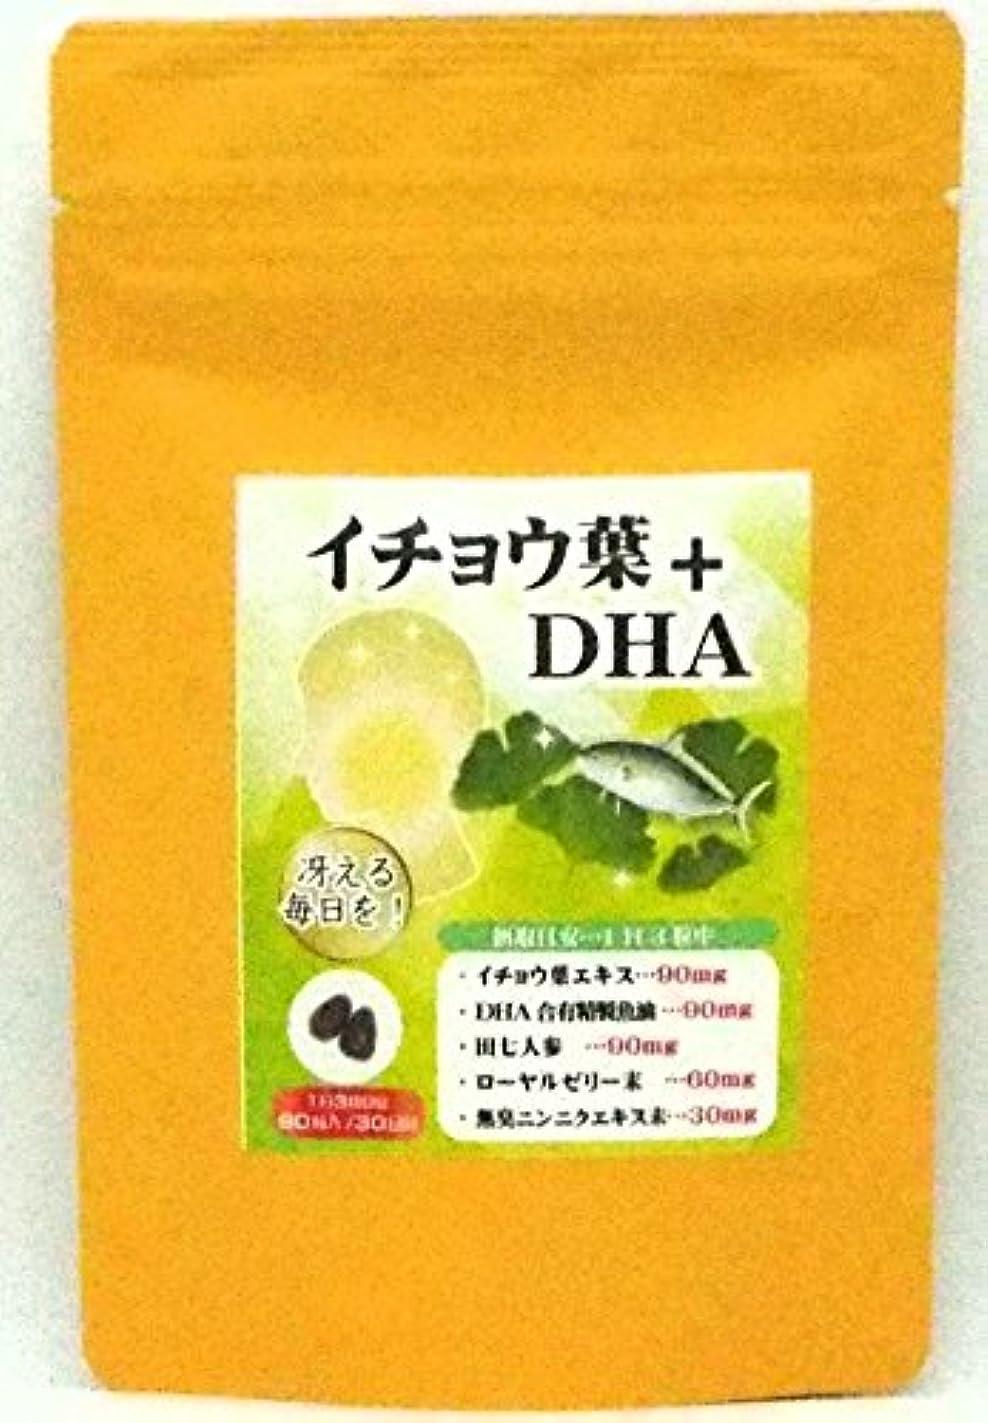 経過お気に入り修理可能イチョウ葉+DHA サプリメント 90粒入 3粒にイチョウ葉エキス90mg、DHA合有精製魚油90mg、田七人参90mg、ローヤルゼリー末60mg配合